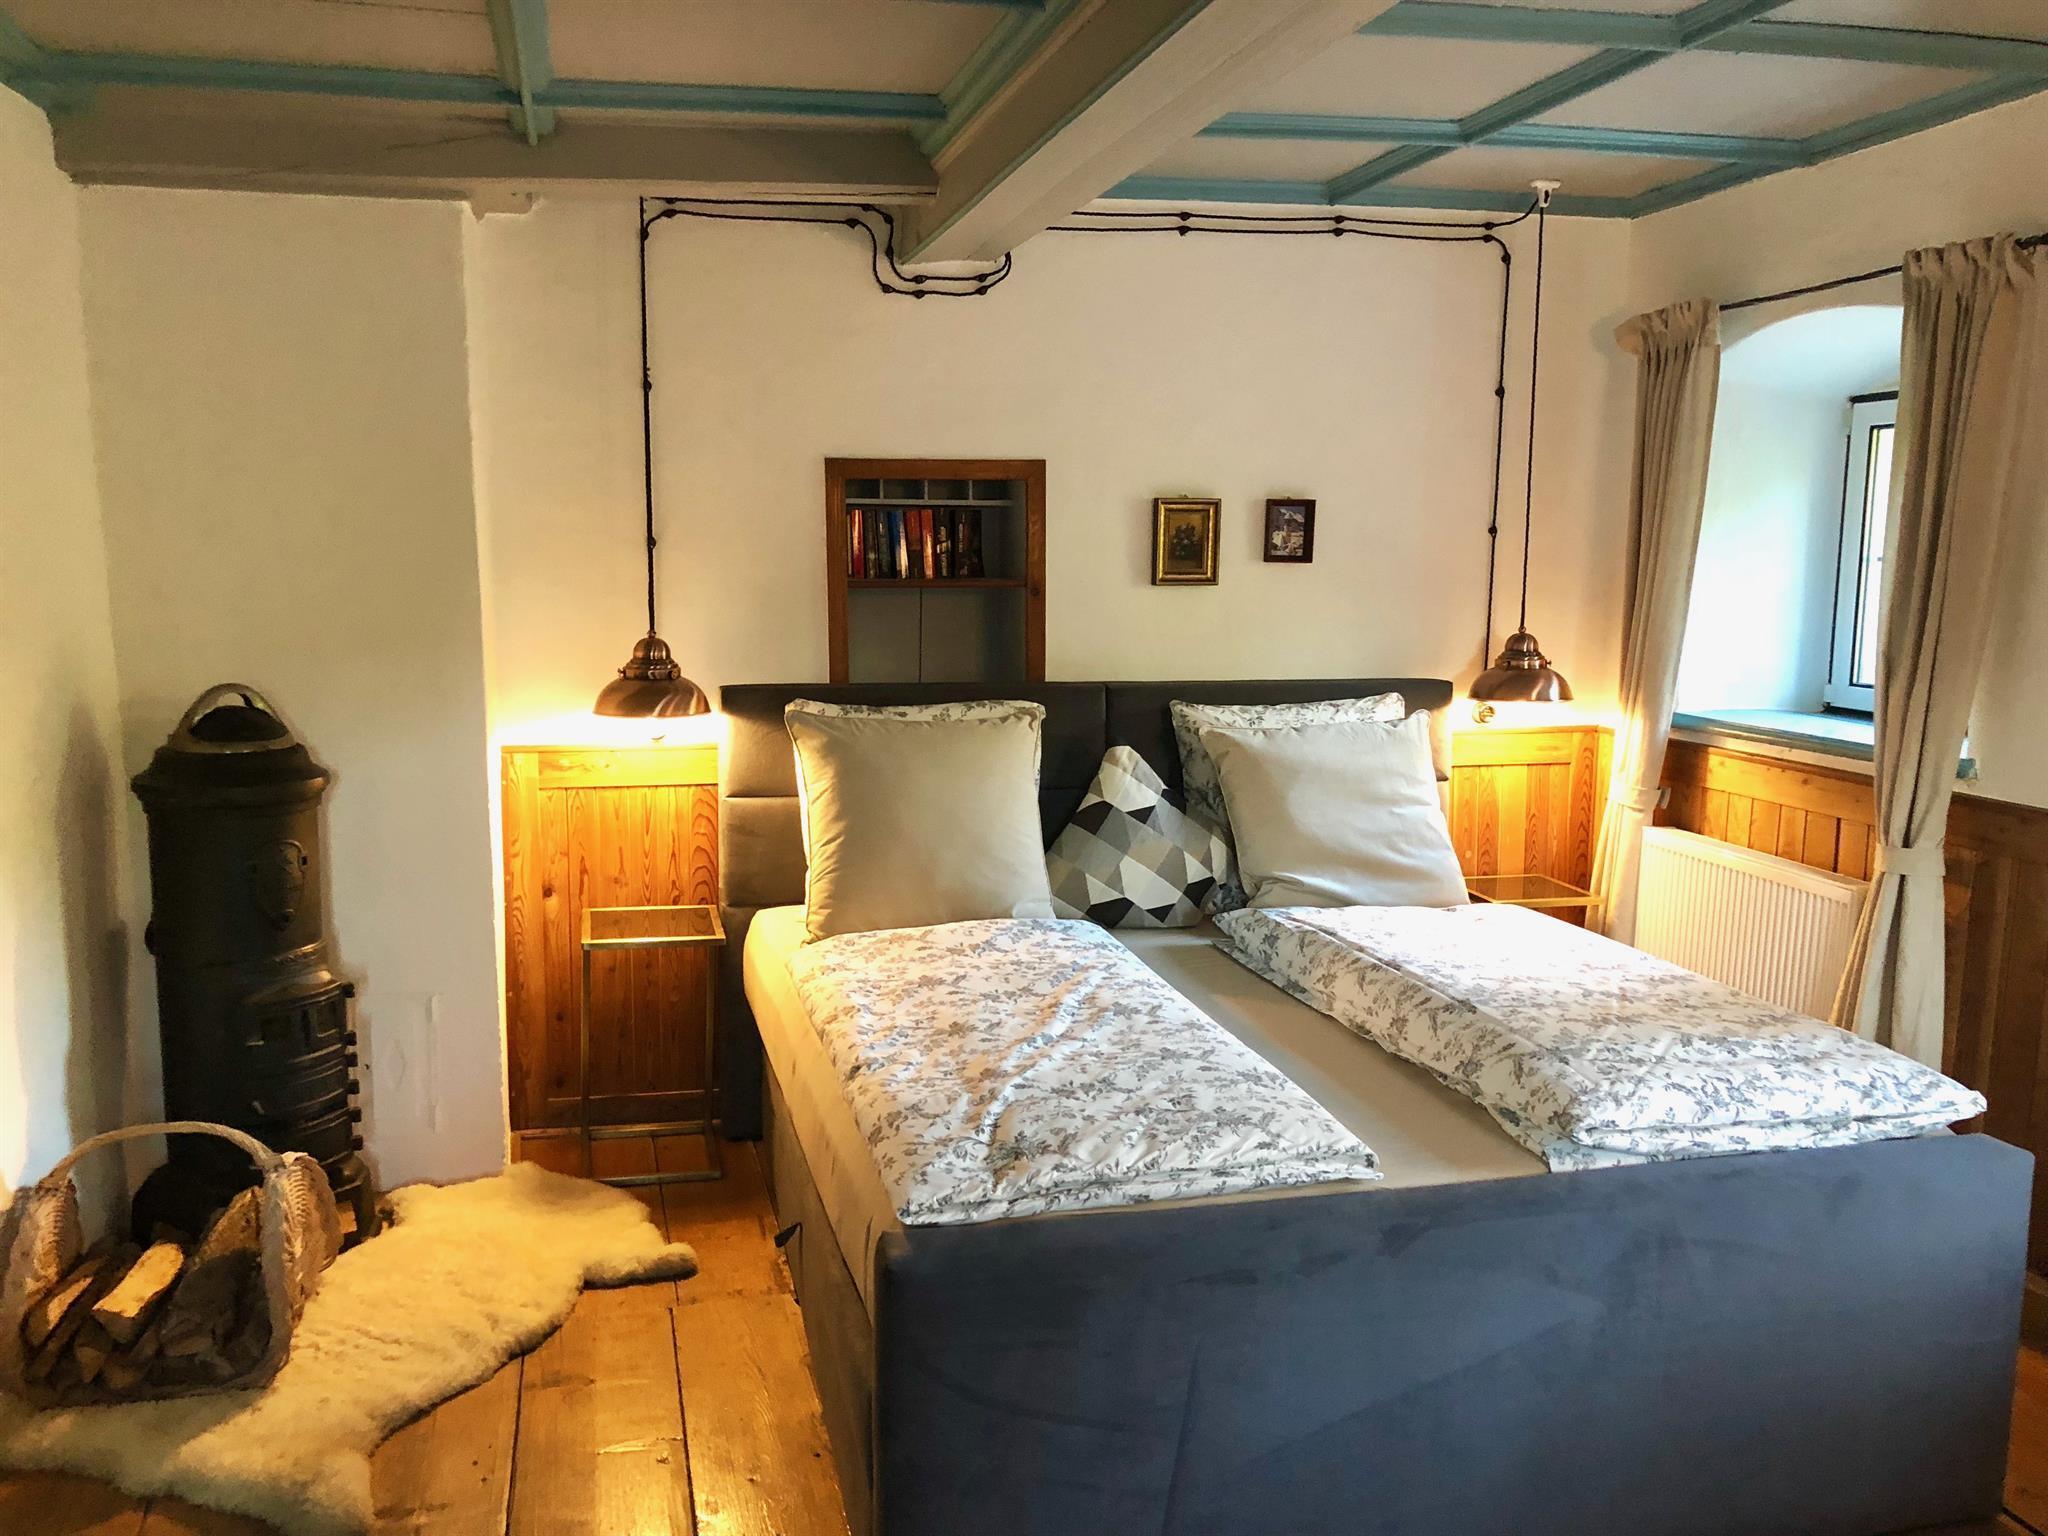 Ferienhaus Bauernhaus-Schloss Wagrain Ferienhaus, Toilette und Bad/Dusche getrennt, 4 od (2550203), Ebbs, Kufstein, Tirol, Österreich, Bild 25